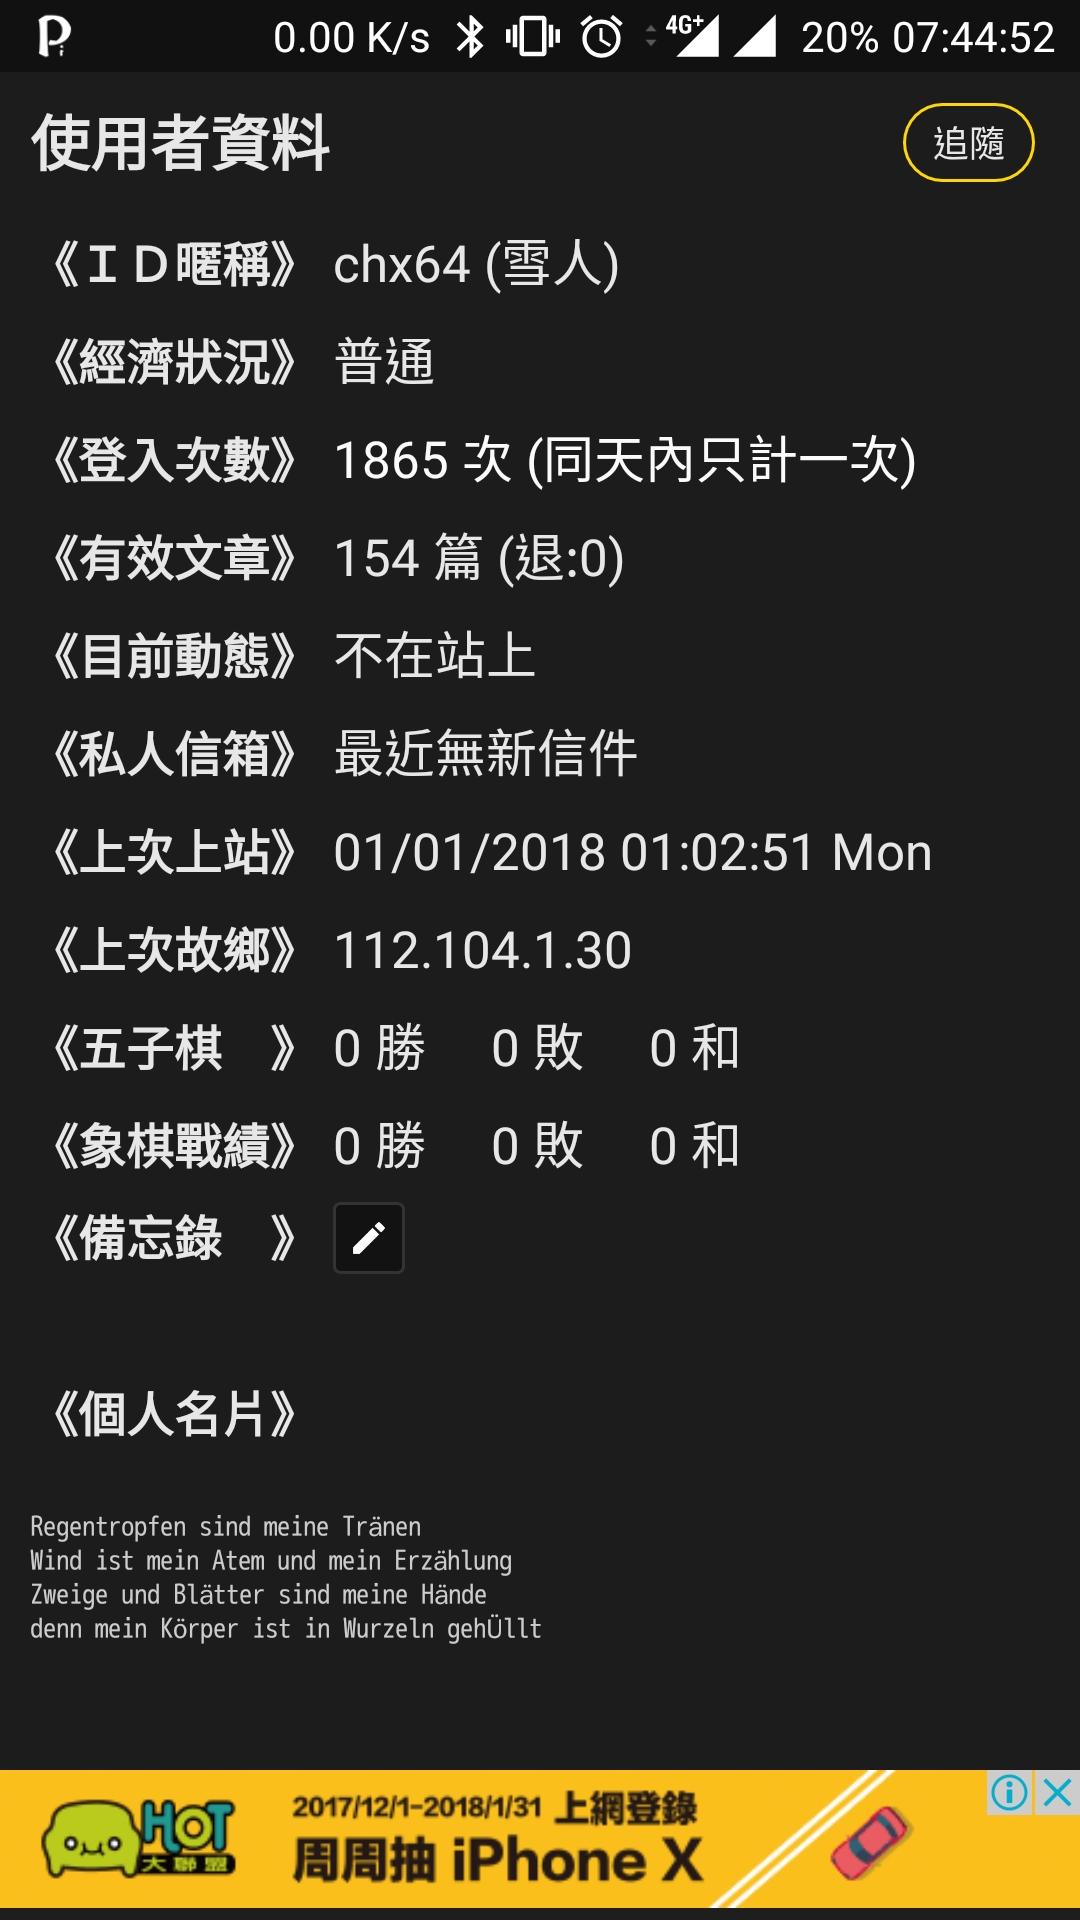 [新聞] 罷免王浩宇二階段送件38888份 宣示「罷